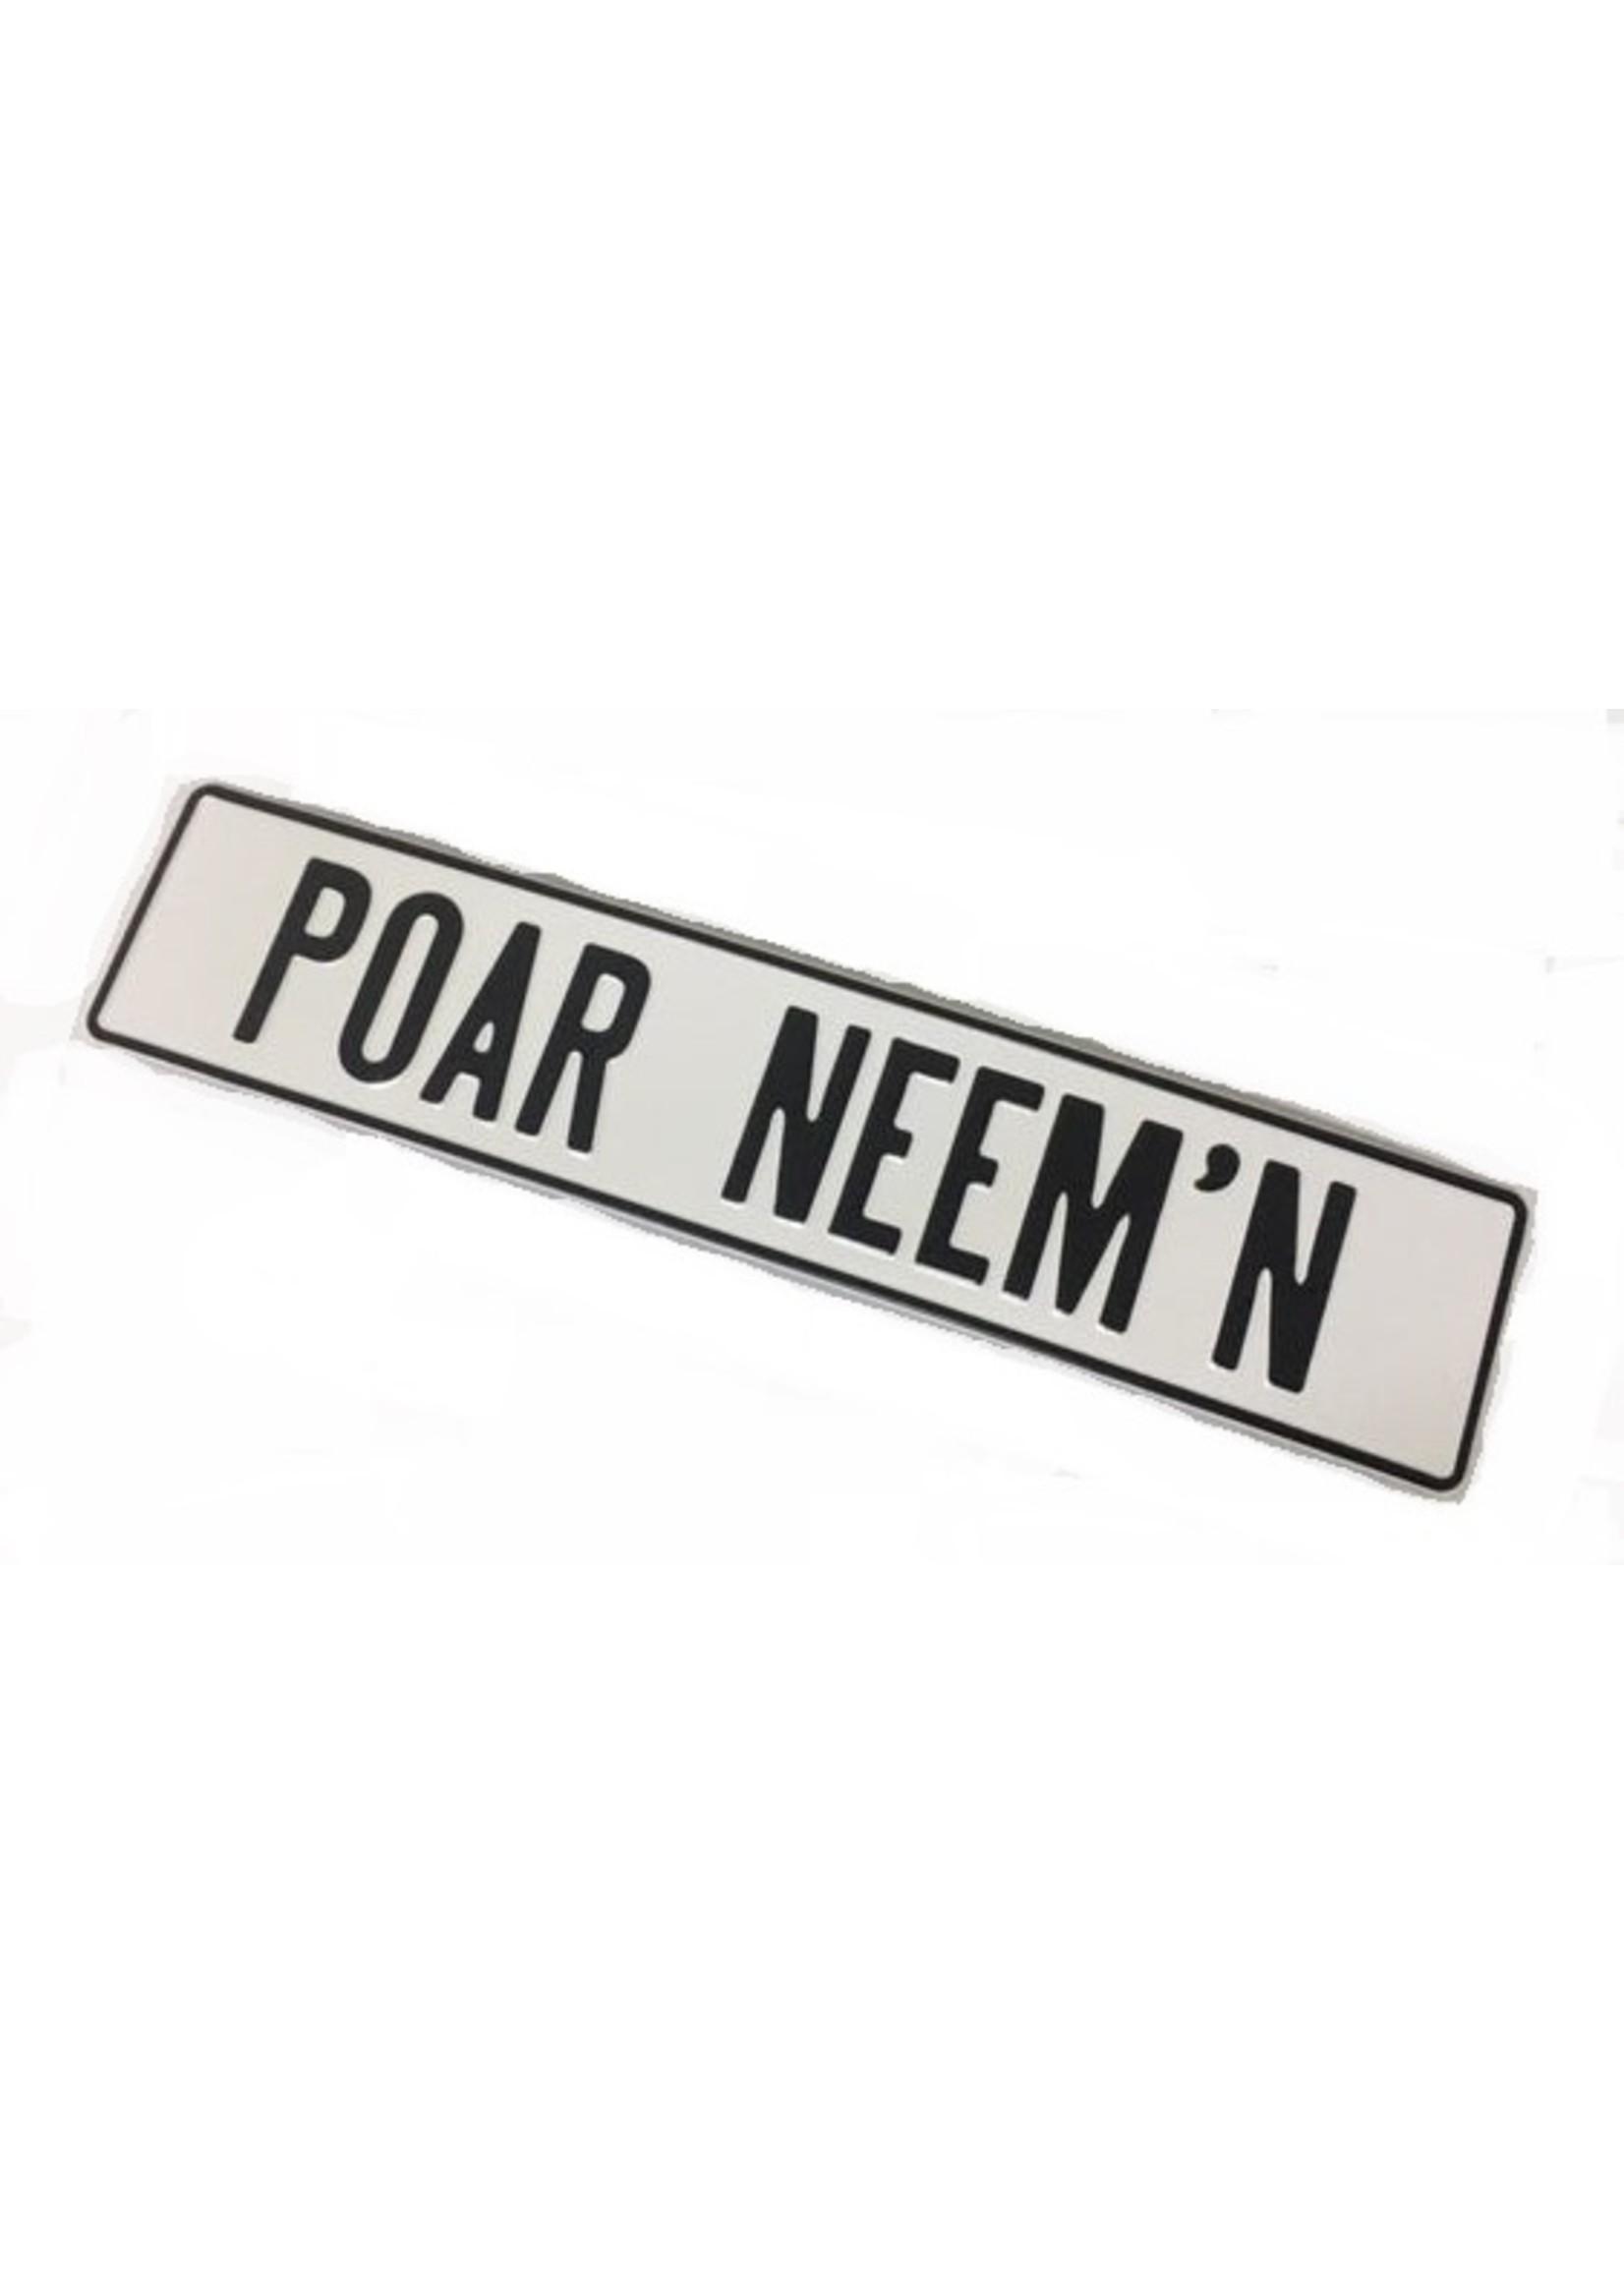 Witte kentekenplaat met naam of tekst